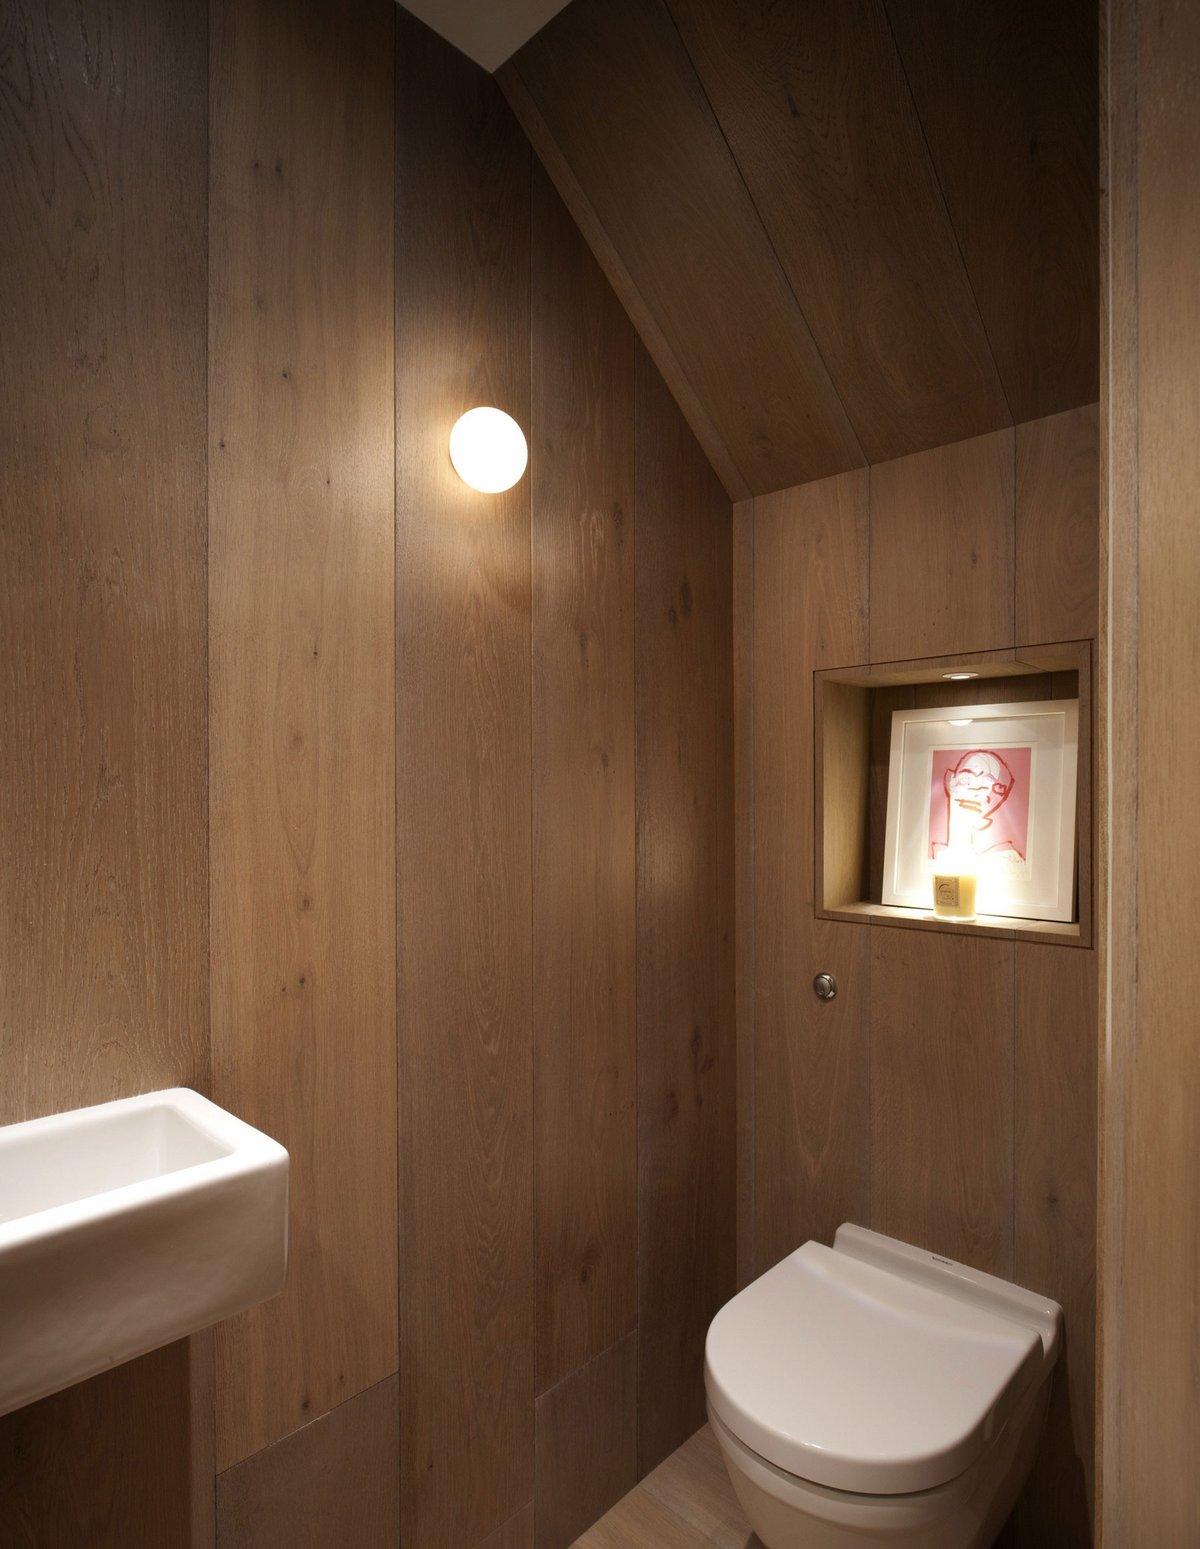 фотограф Майк Пенн, лофт в Лондоне, интерьер лофт, дом и офис в одном здании, TG-STUDIO, элитная недвижимость Лондон, дома в Лондоне, лофт в Англии